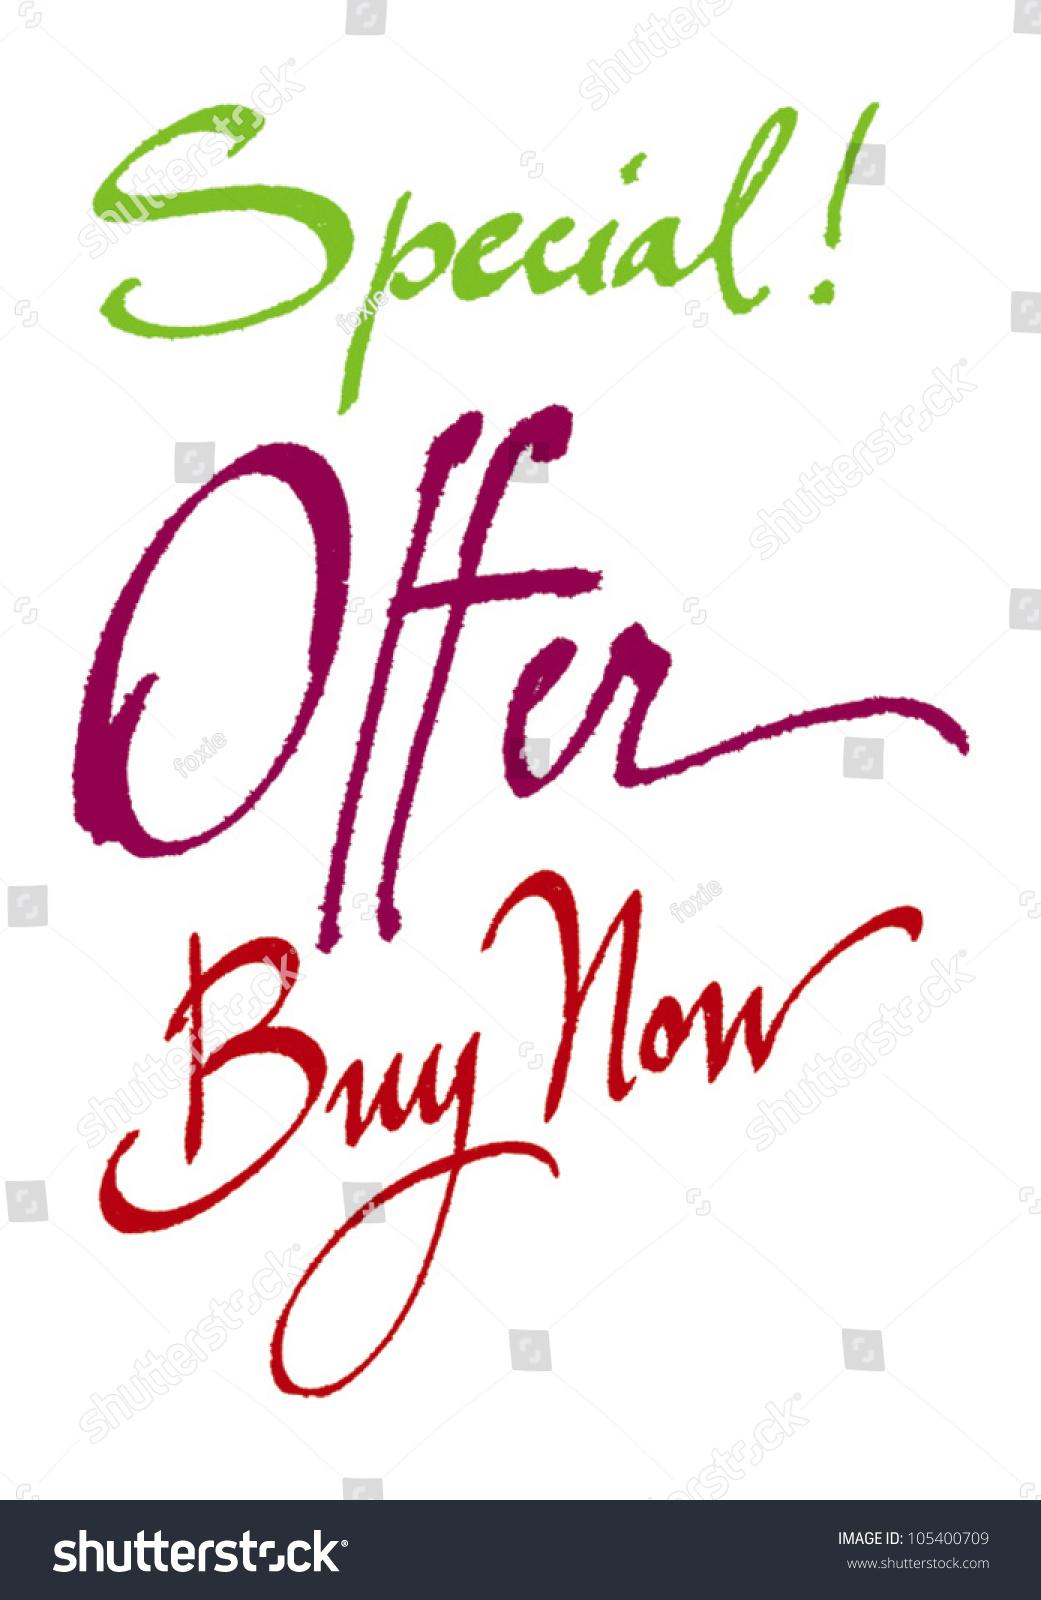 Special offer buy now original handwritten stock vector